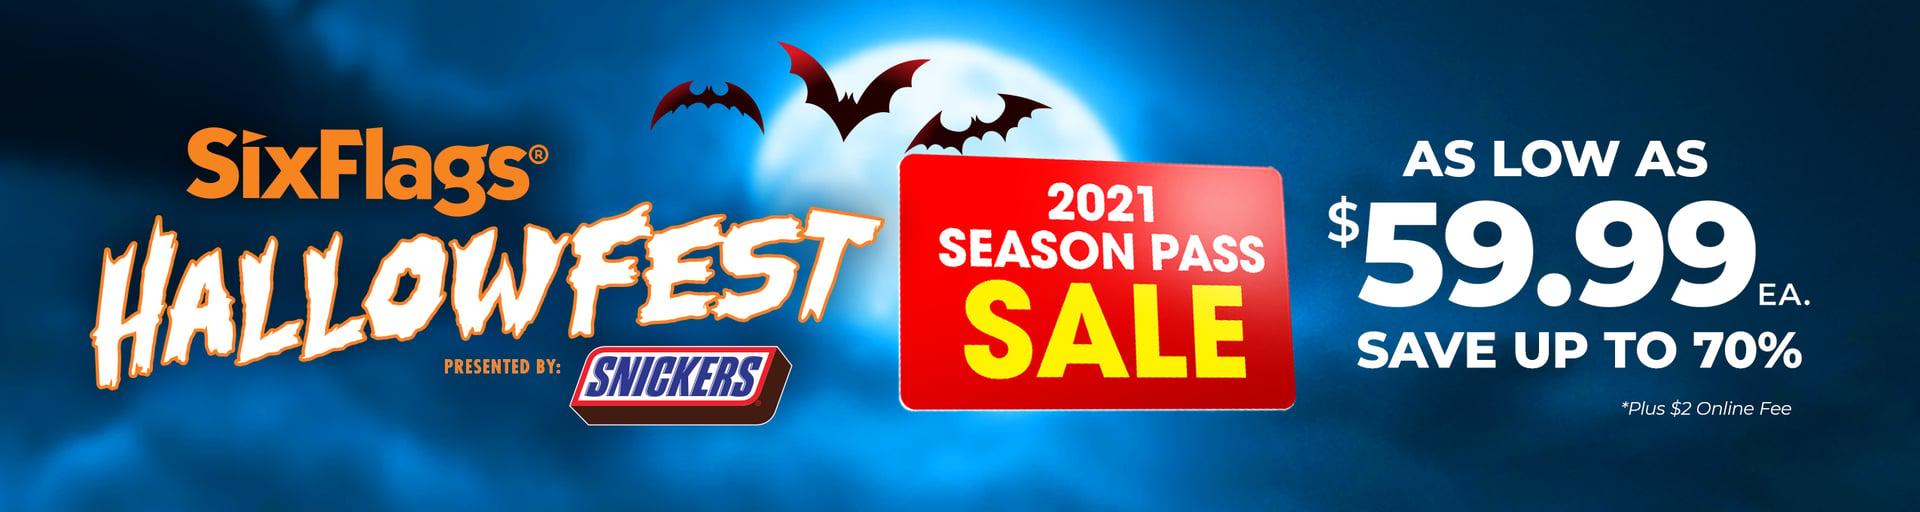 2021 Season Pass Sale